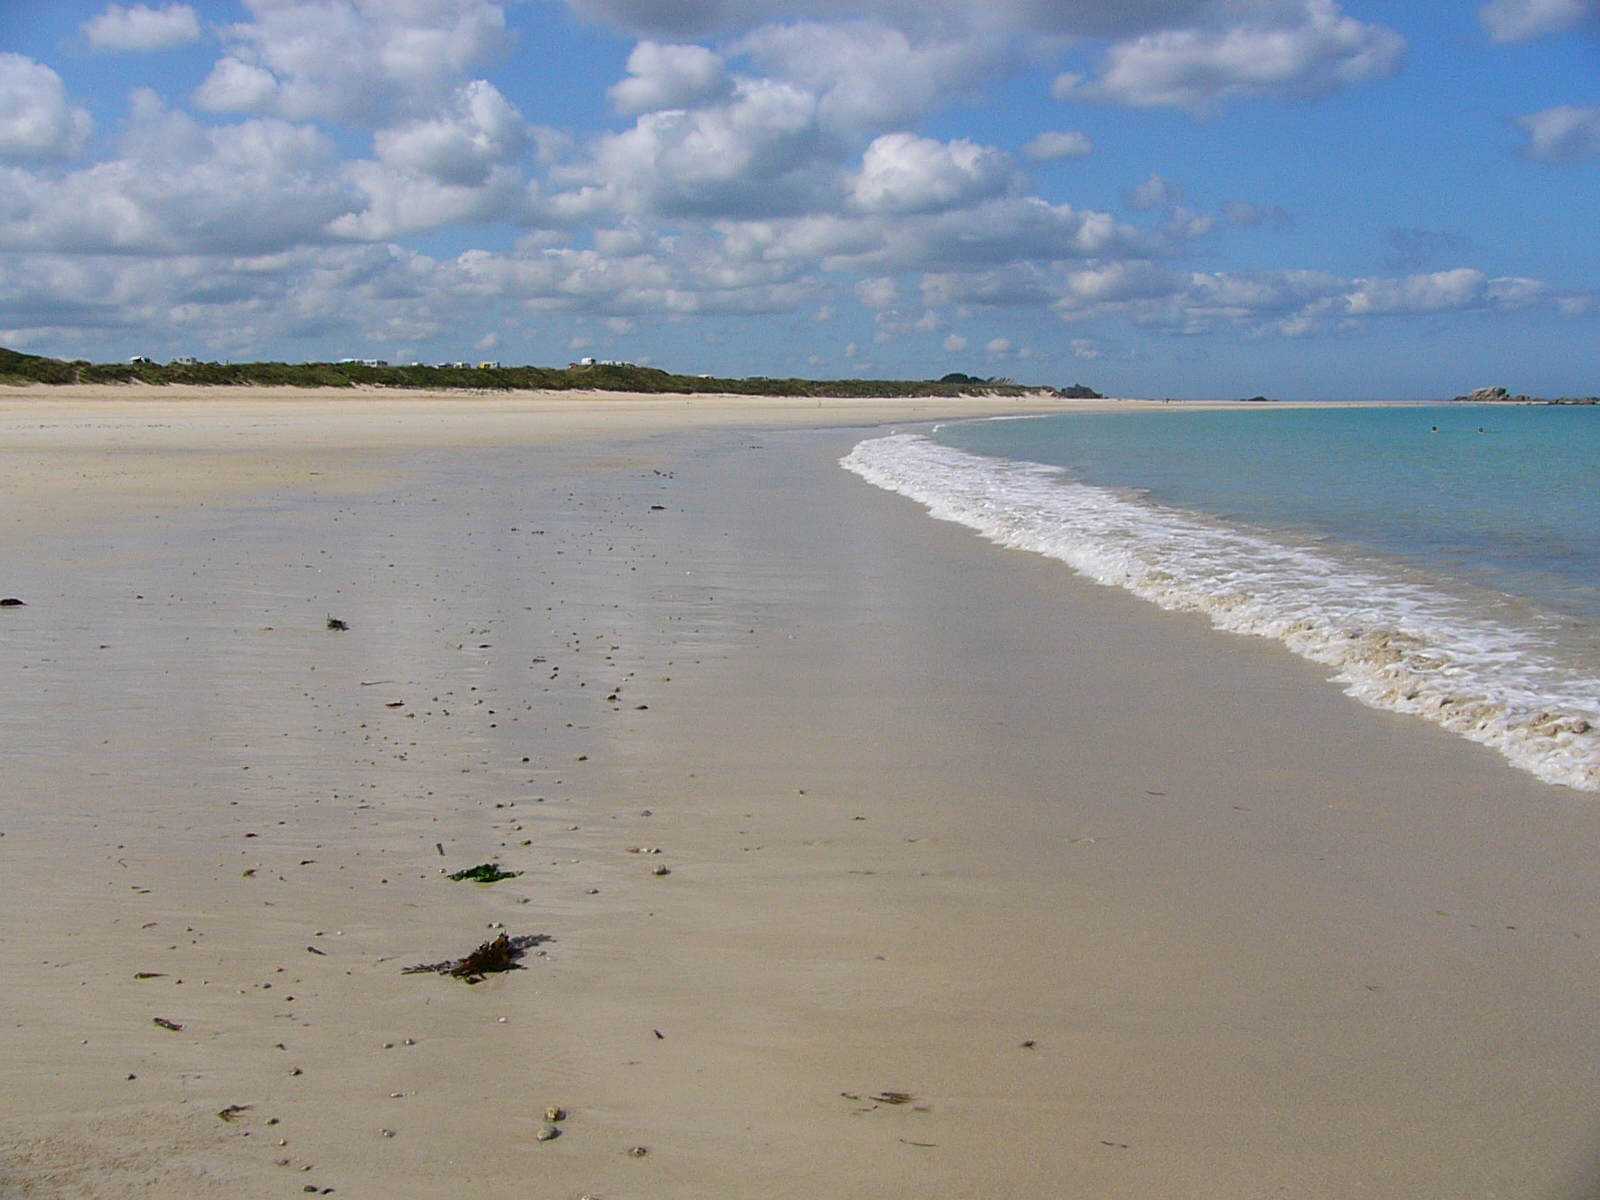 Südsee in der Bretagne und mit Meerblick auf der Düne